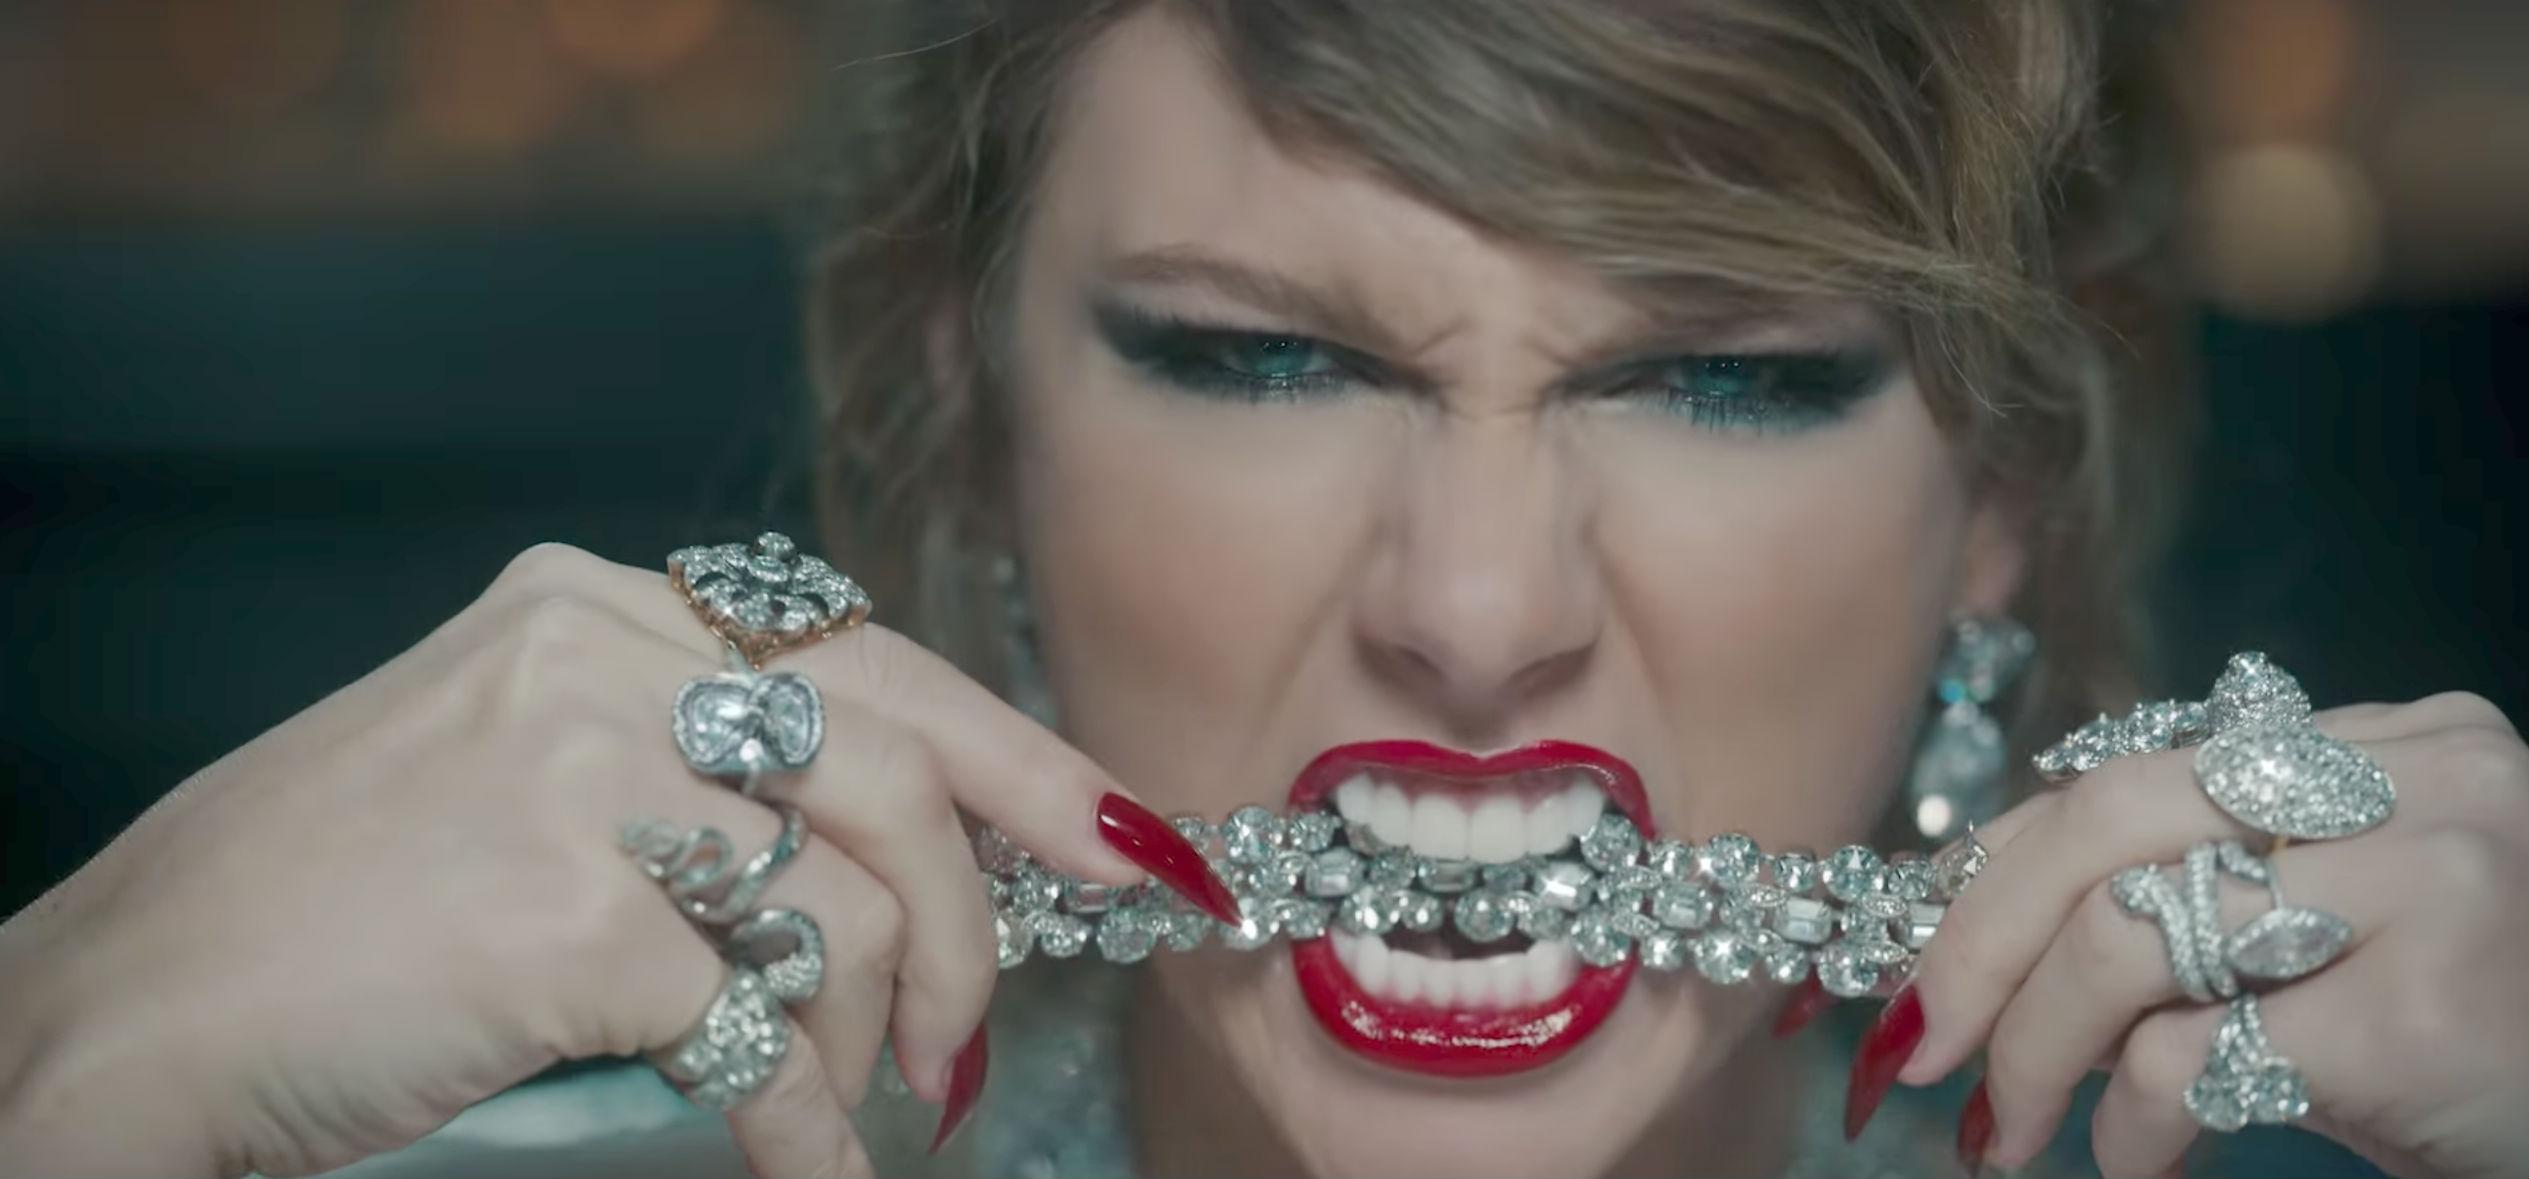 9. Swift var involveret i en helt uoverskuelig mængde drama, da hun udgav 'Look What You Made Me Do' i 2017. Den udskældte singleforløber for 'Reputation' var tænkt som et direkte modsvar til et celebert ægtepar, som hun har haft en nærmest sagnomspunden on/off konflikt med det forgangne årti. Hvem er dette par?